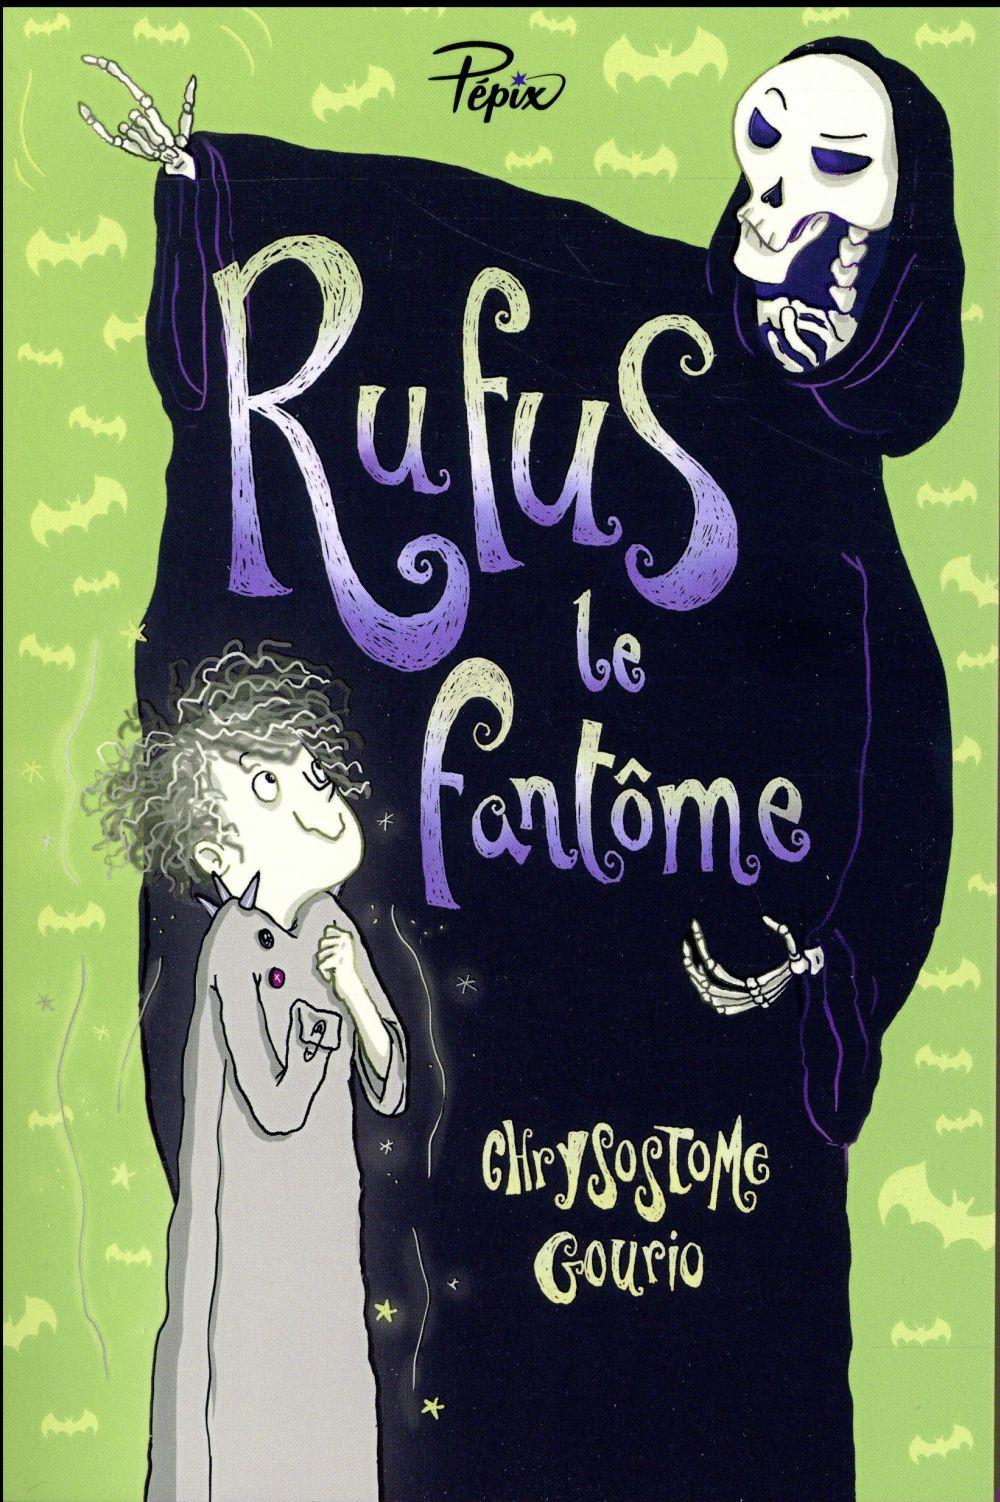 RUFUS LE FANTOME GOURIO, CHRYSOSTOME